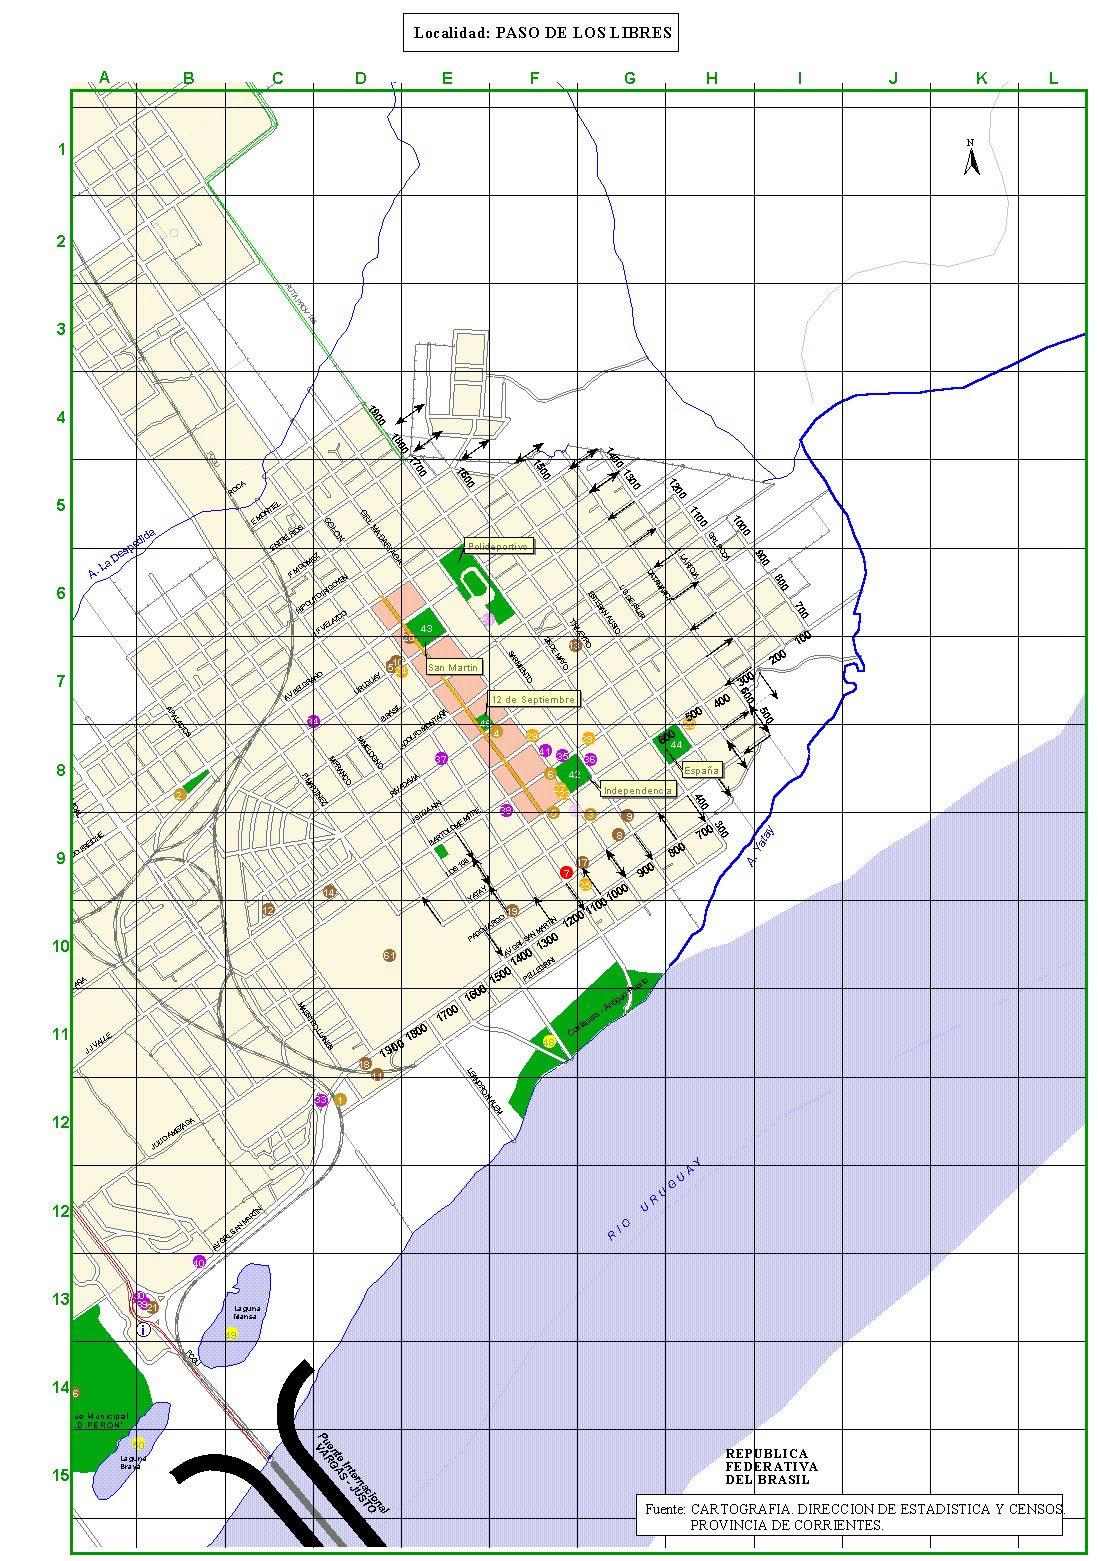 Paso de los Libres - Corrientes - Argentina/Plano ciudad.jpg